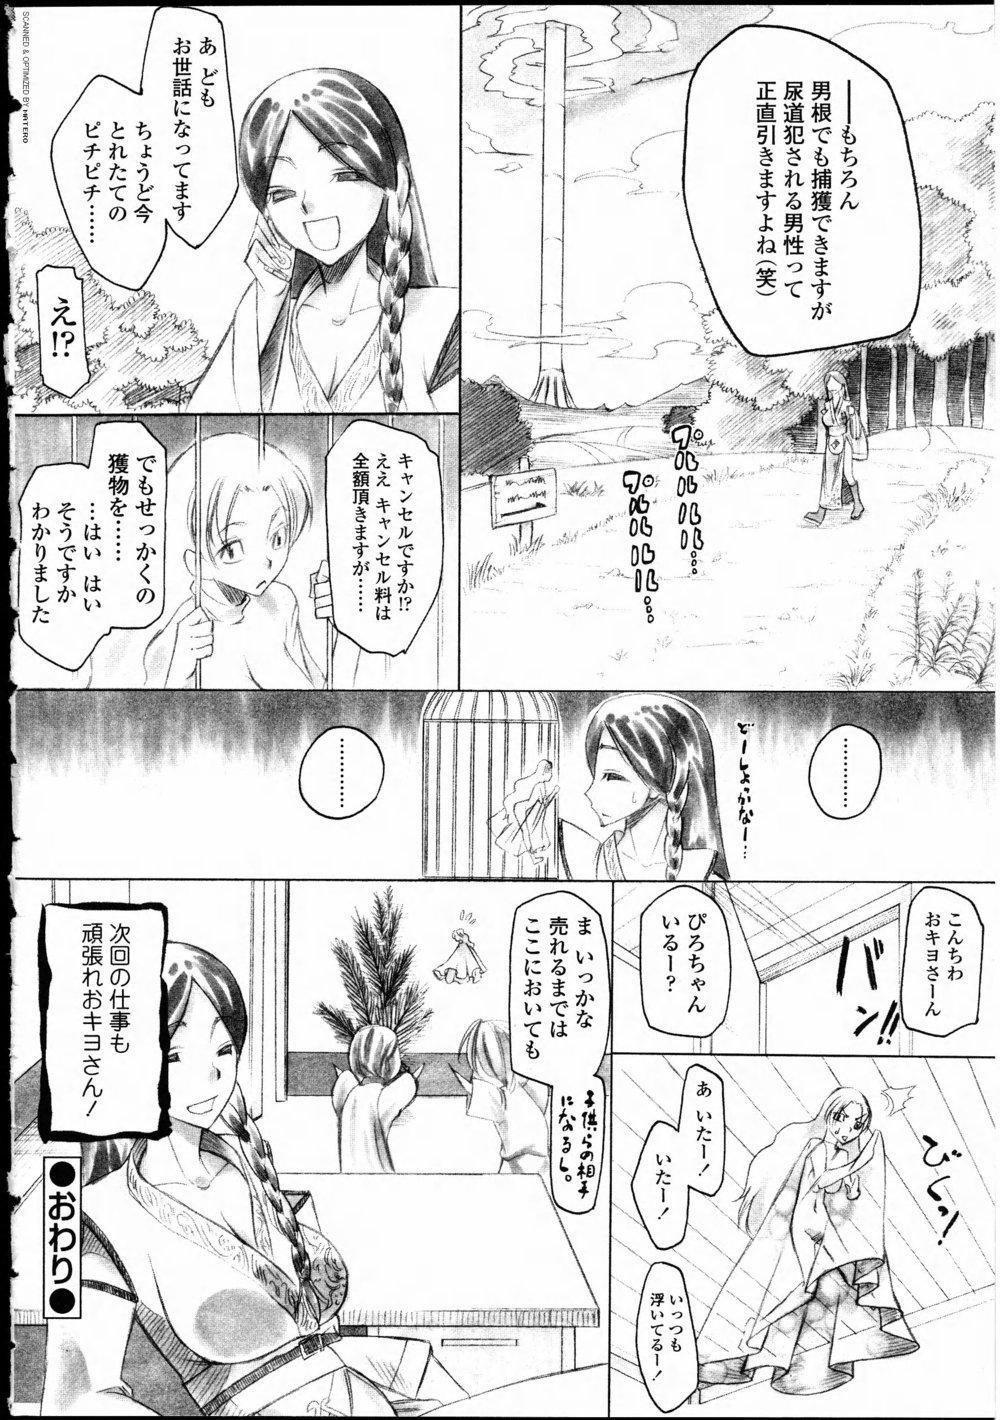 Futanarikko LOVE 10 47